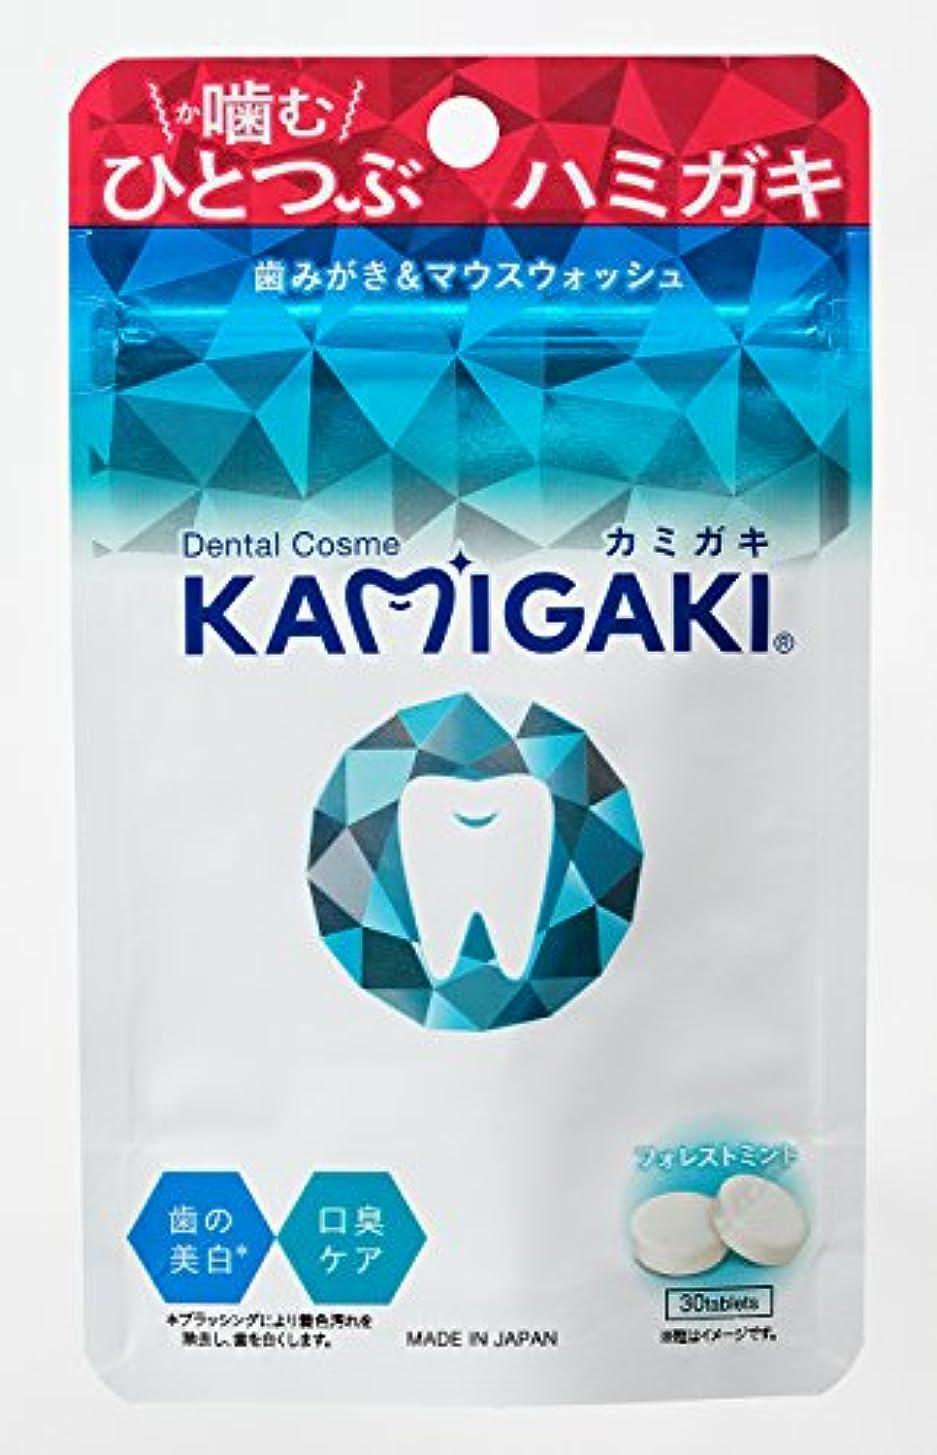 ミルク東在庫デンタルコスメ カミガキ (携帯用 タブレット型 ハミガキ&マウスウォッシュ)2個セット